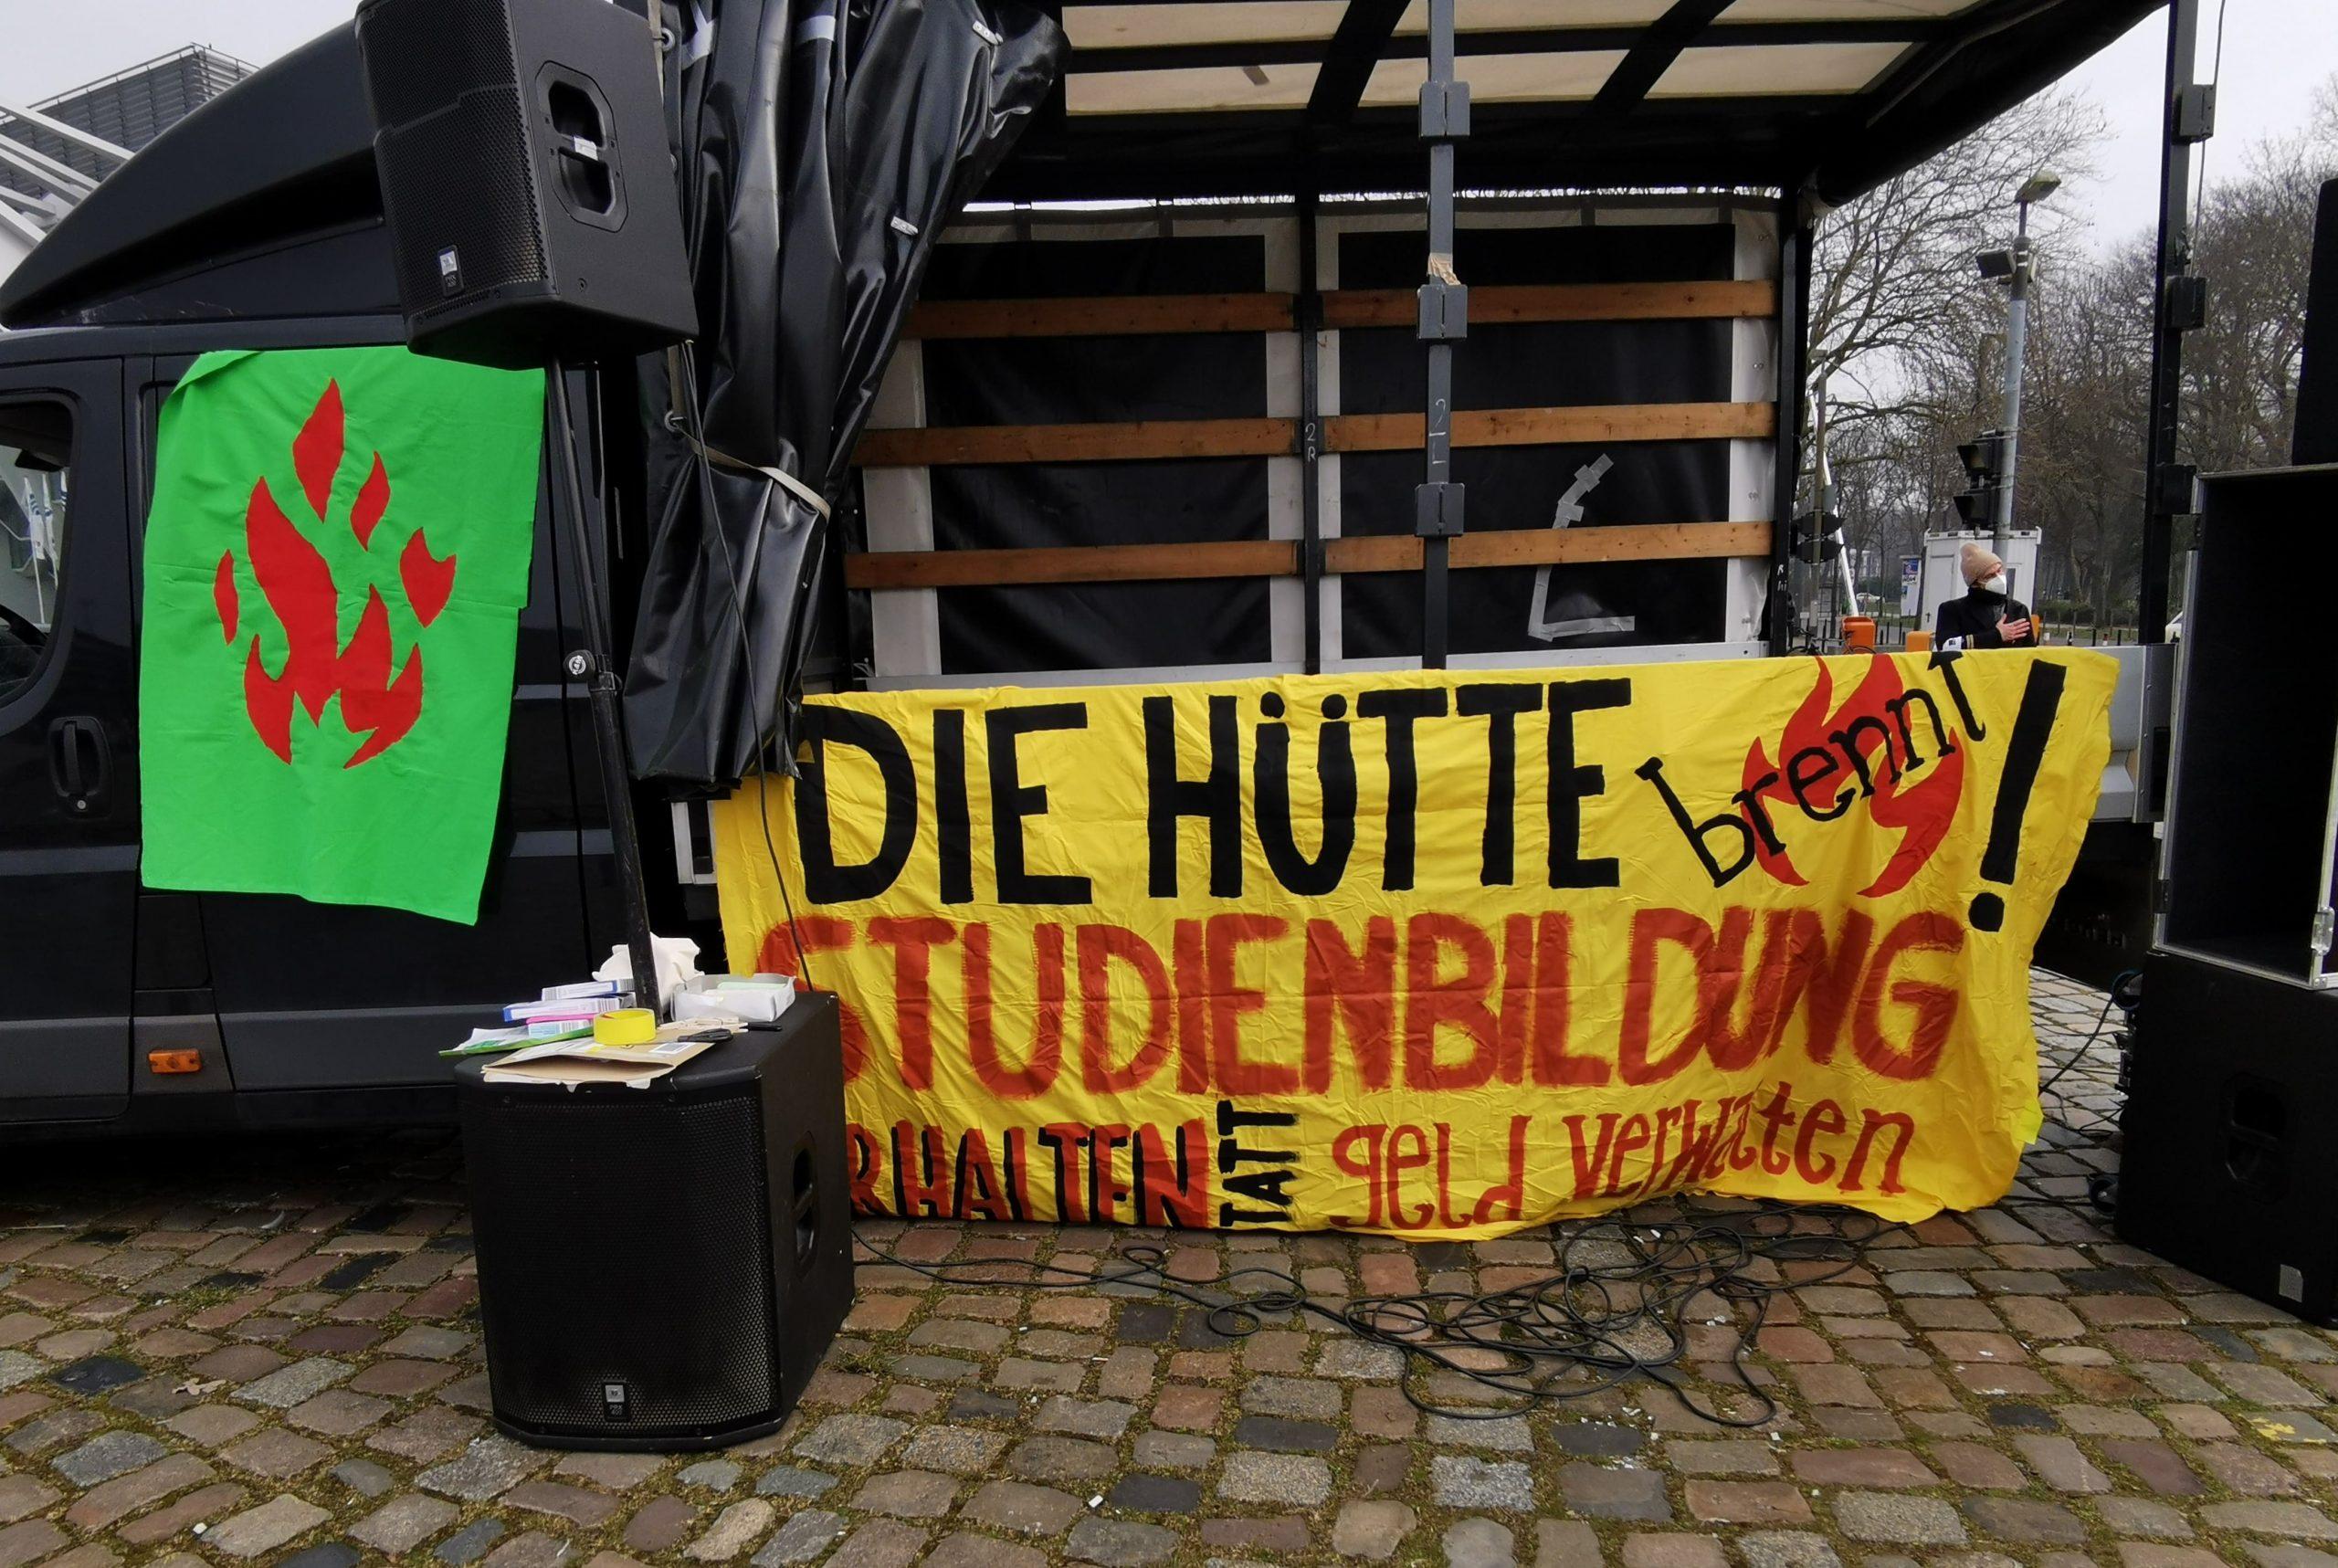 Die Hütte brennt – Hochschulen des Landes vereinigt euch!